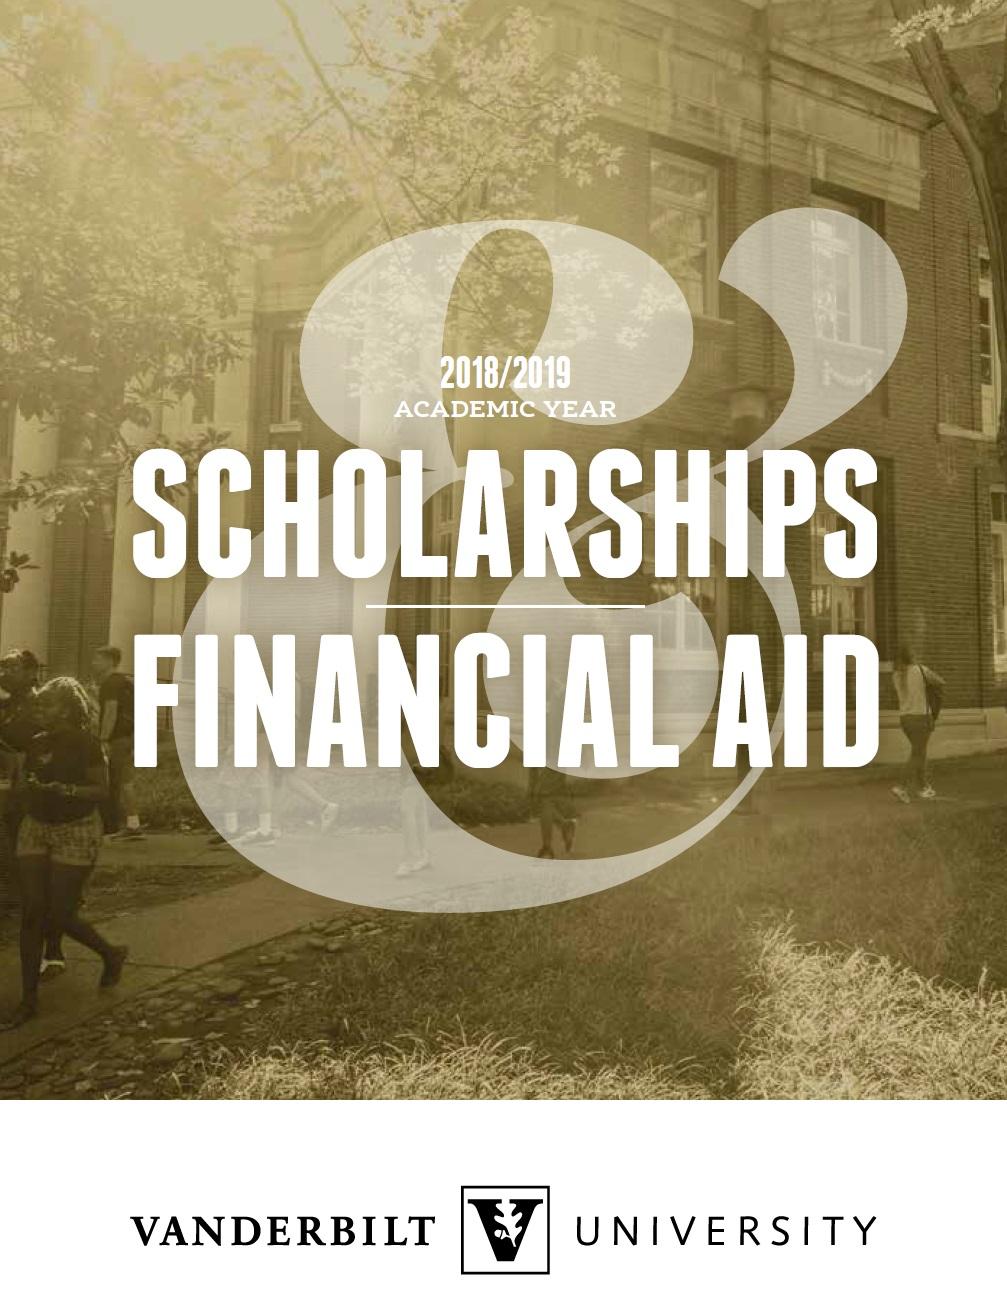 Office of Financial Aid | Vanderbilt University